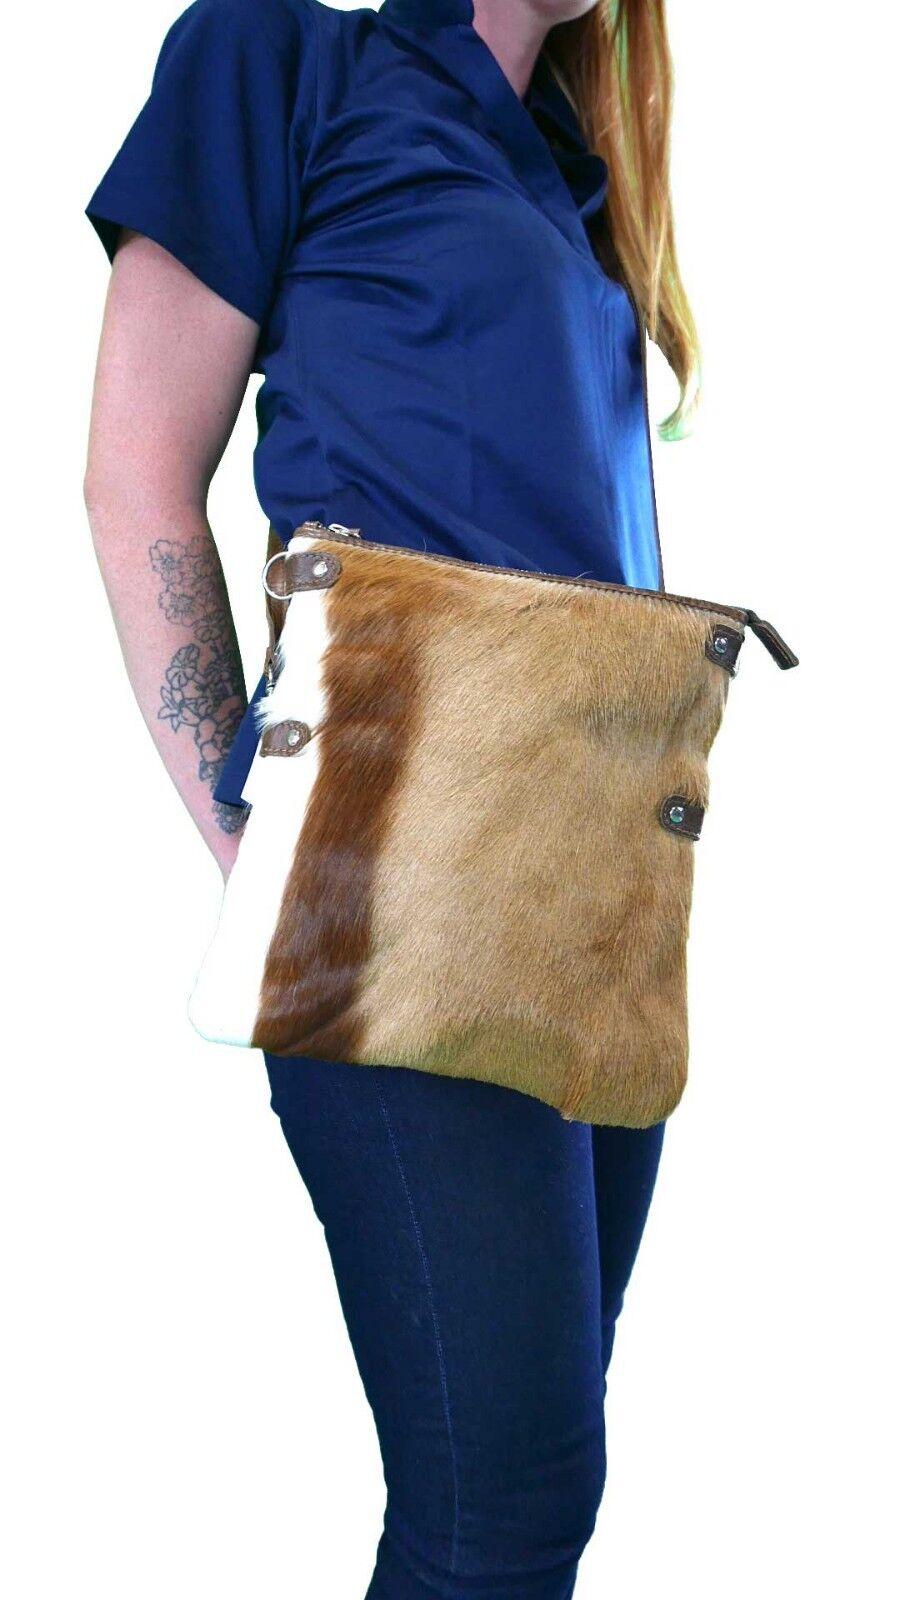 Springbok Leather Handbag real leather springbok hand bag Mini Foldover Zip Top